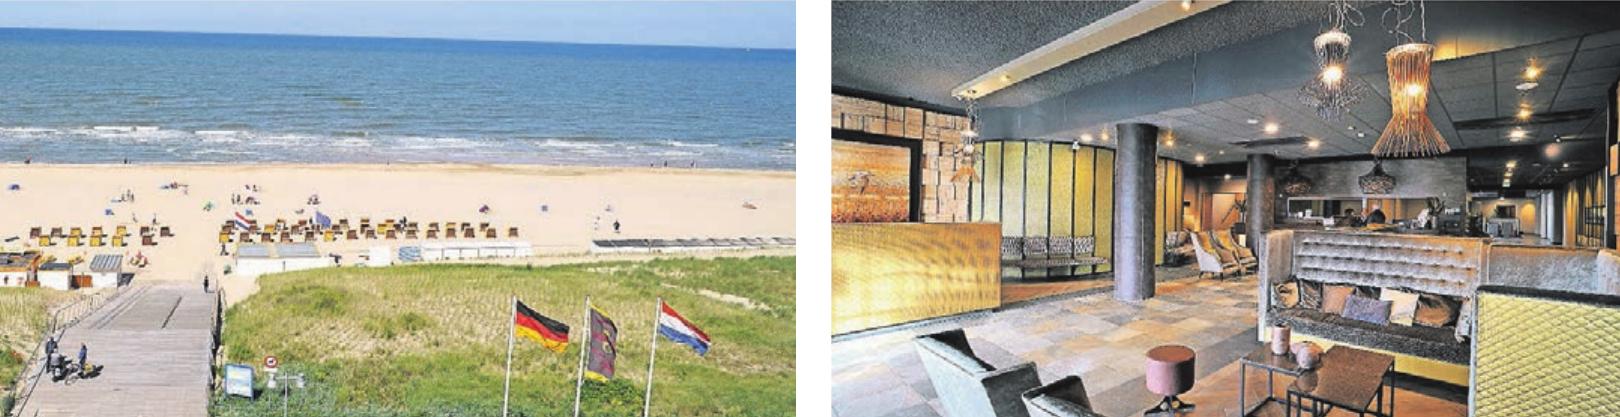 Die Nähe zum Strand zeichnet das Hotel ebenso aus wie ein besonderes Restaurant: Das EAZEE lockt mit Köstlichkeiten. Fotos: Hotel Golfzang